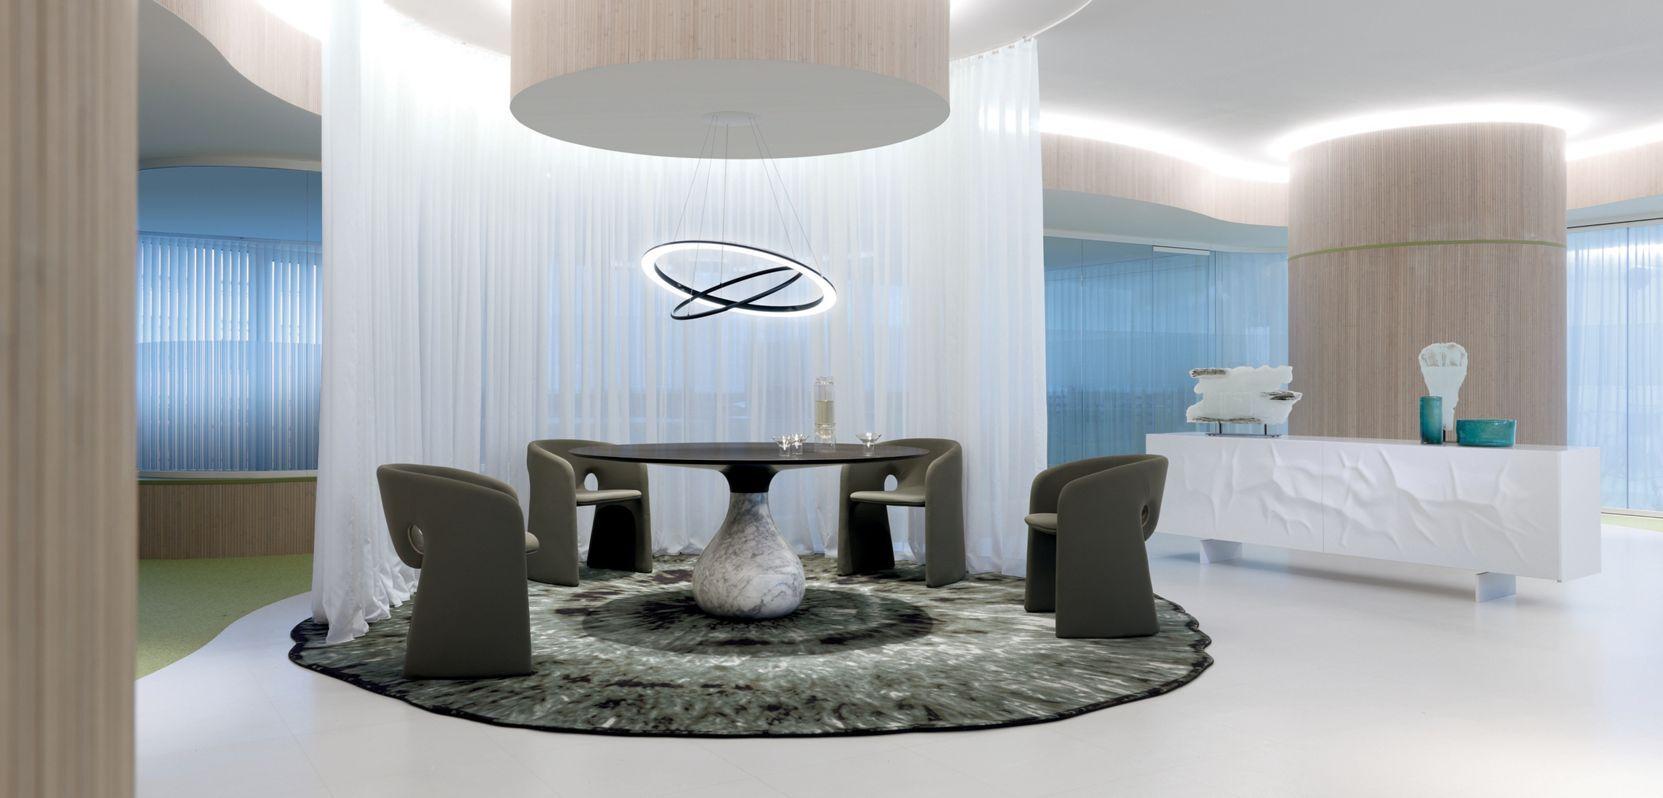 Aqua Dining Table Roche Bobois Interior Design Dining Room Luxury Dining Tables Square Dining Tables